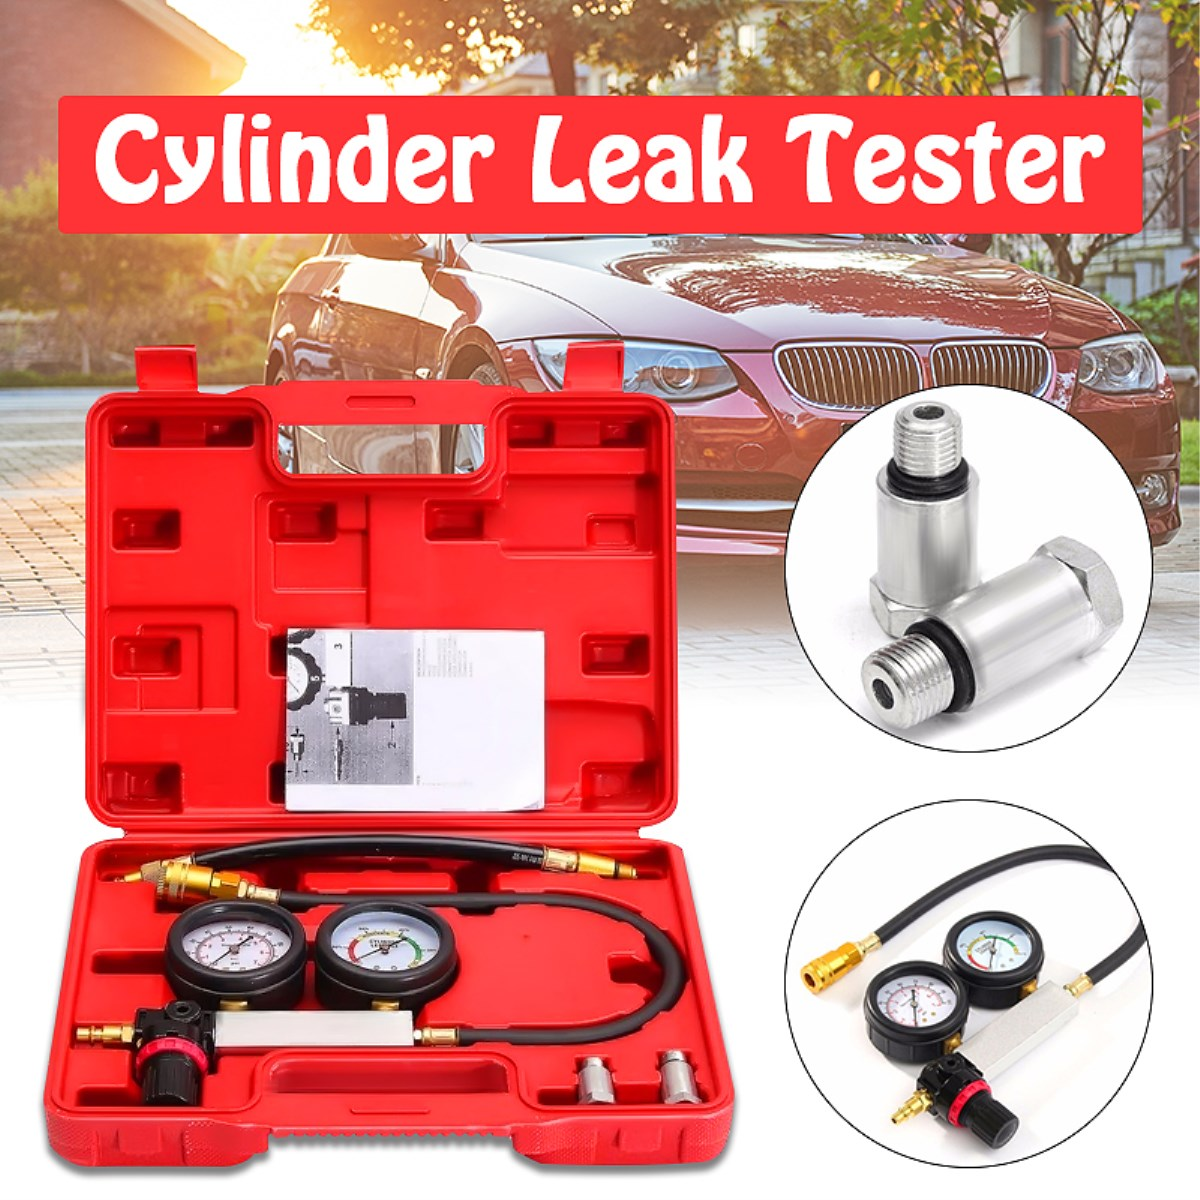 Universal 0-100PSI Cilindro Leak Tester Detector de Vazamento de Compressão Conjunto Kit Motor A Gasolina Ferramenta Calibre Calibre Duplo Sistema